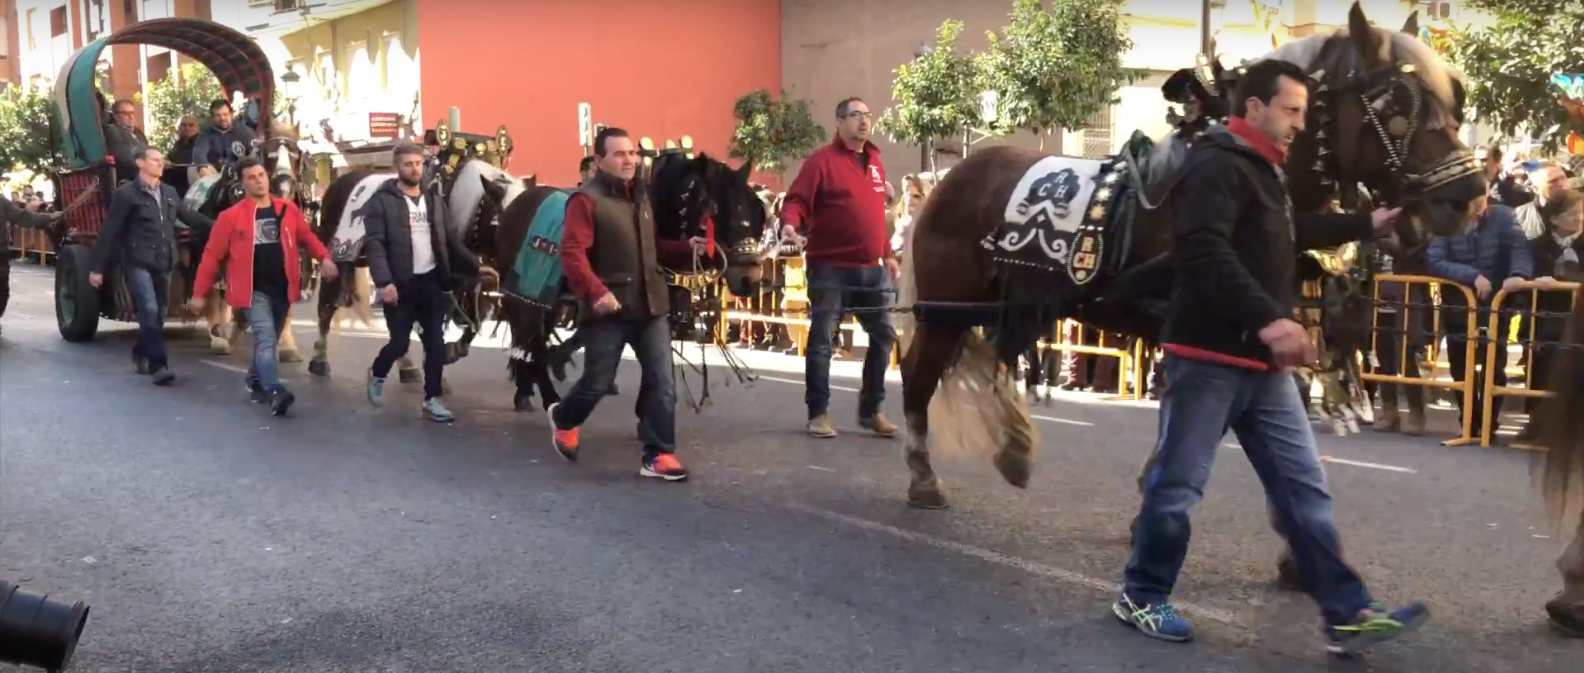 Hogueras y bendición de animales para celebrar a San Antonio